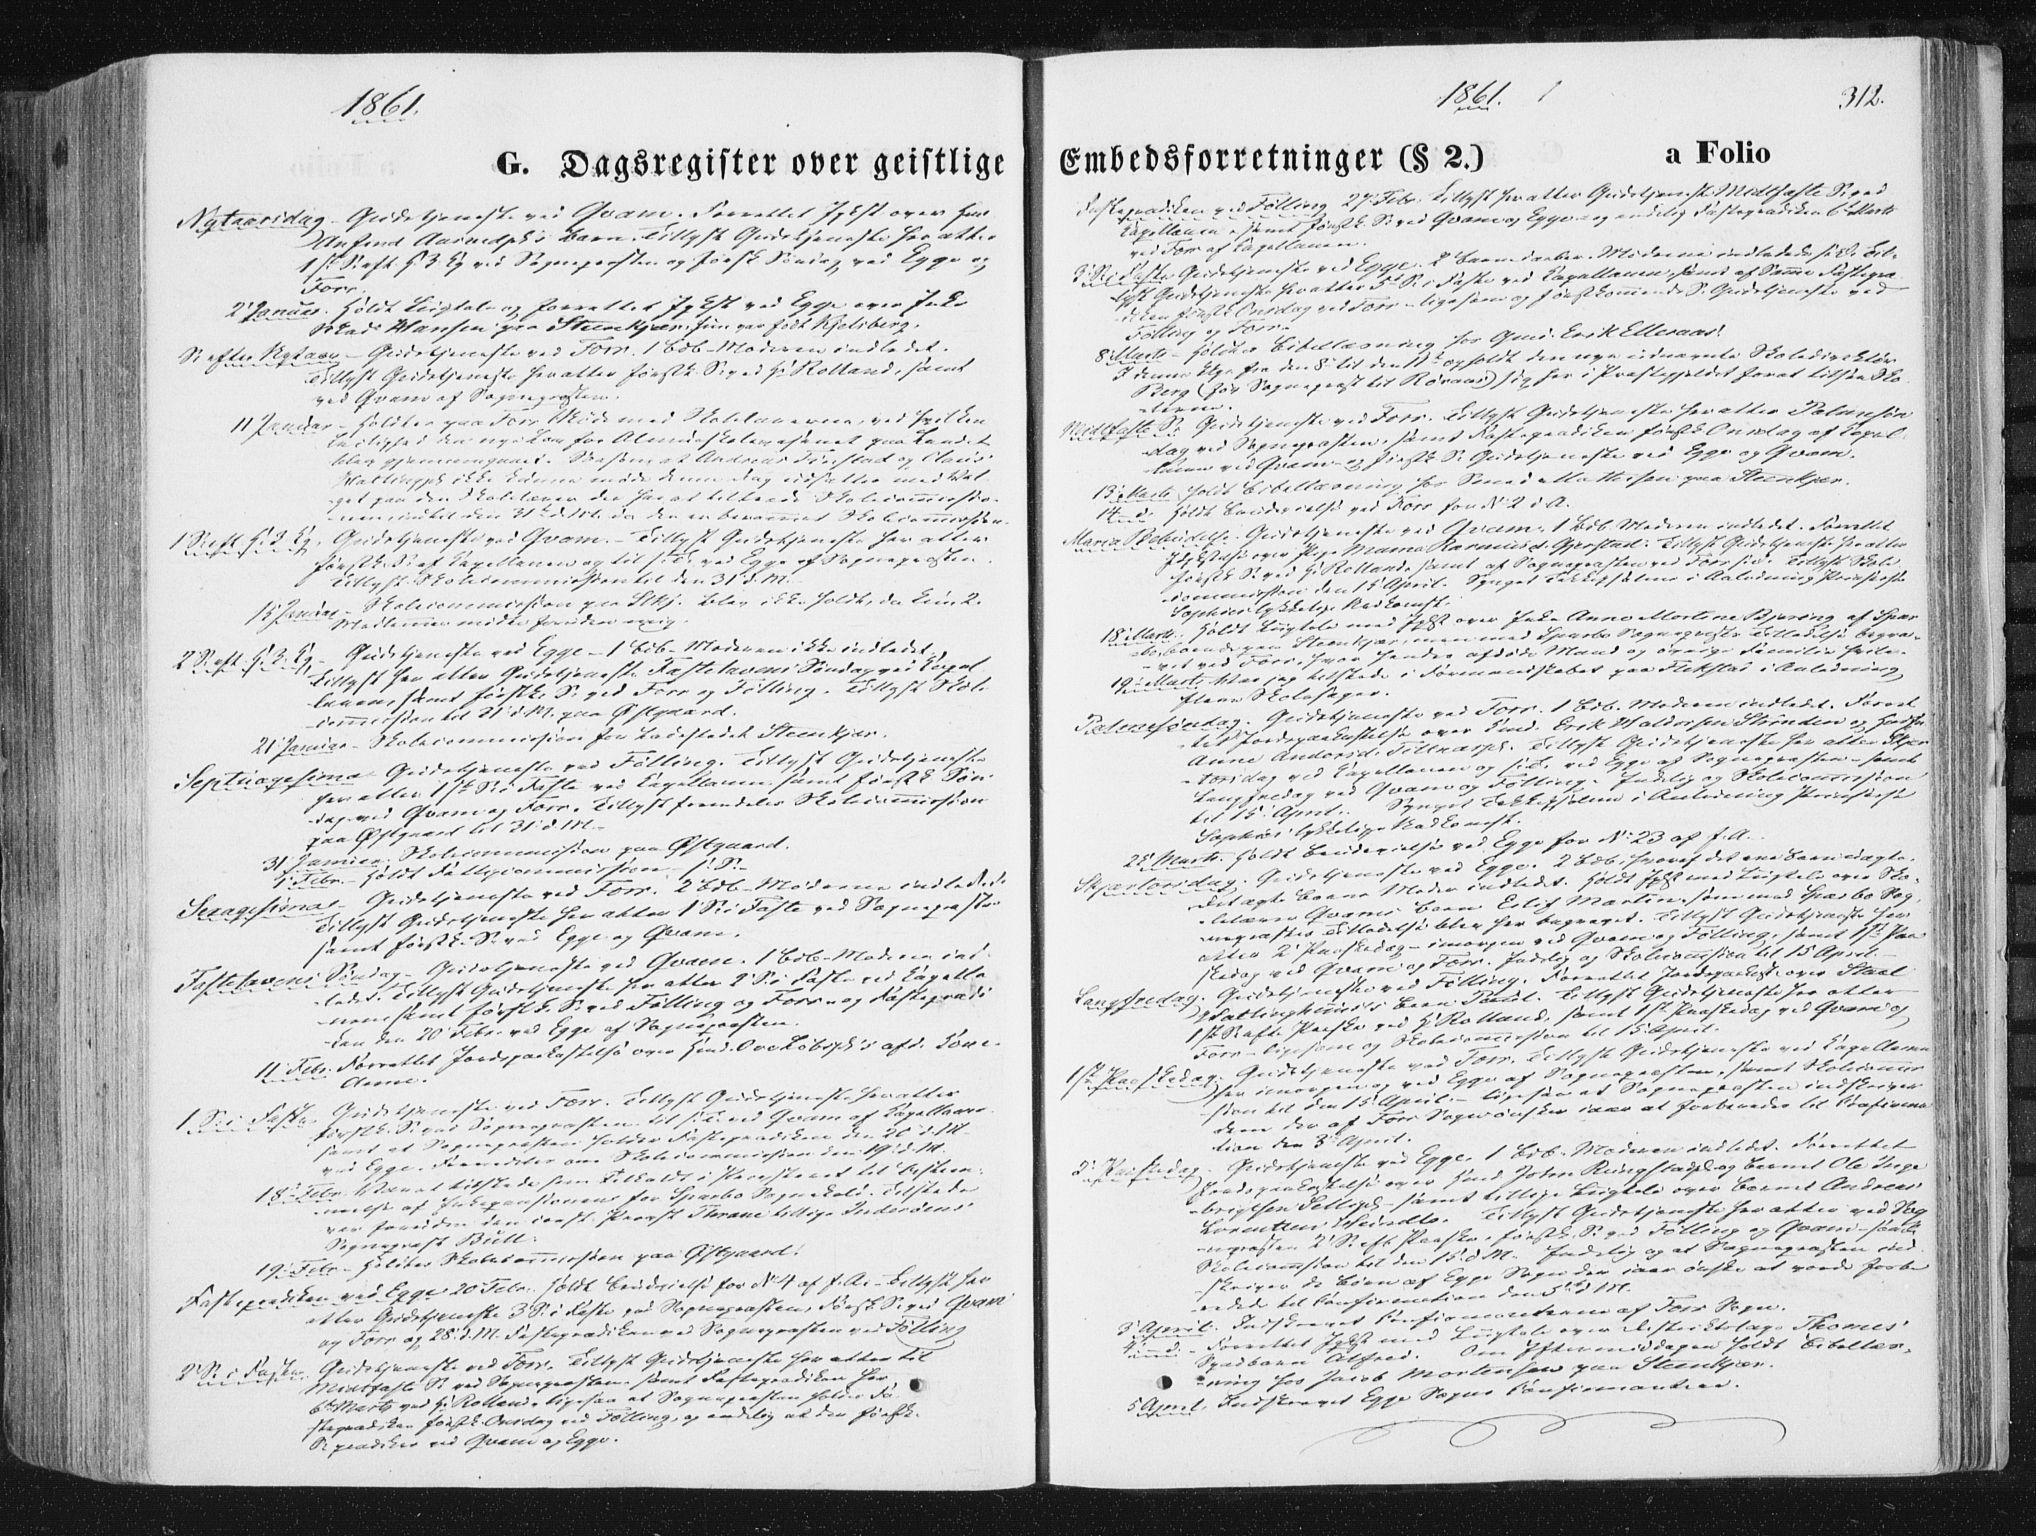 SAT, Ministerialprotokoller, klokkerbøker og fødselsregistre - Nord-Trøndelag, 746/L0447: Ministerialbok nr. 746A06, 1860-1877, s. 312